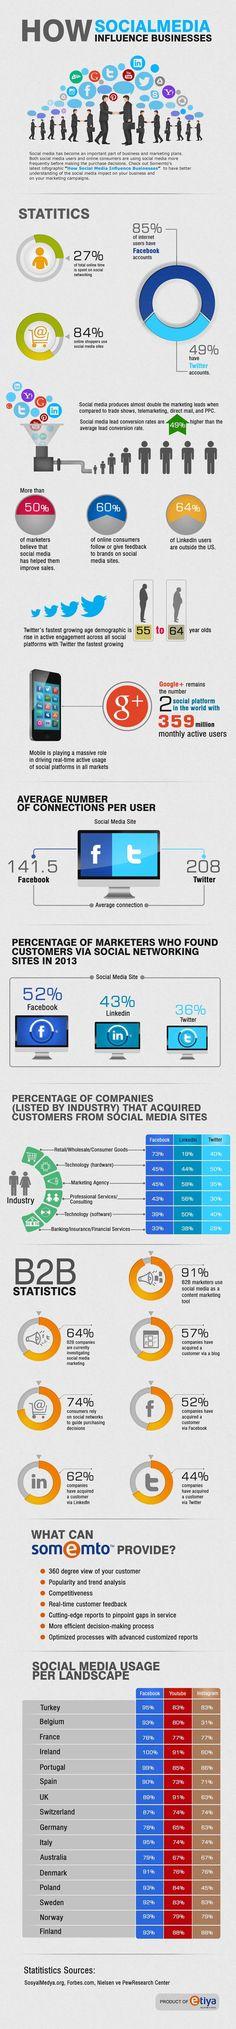 How #Social #Media Influences #Business